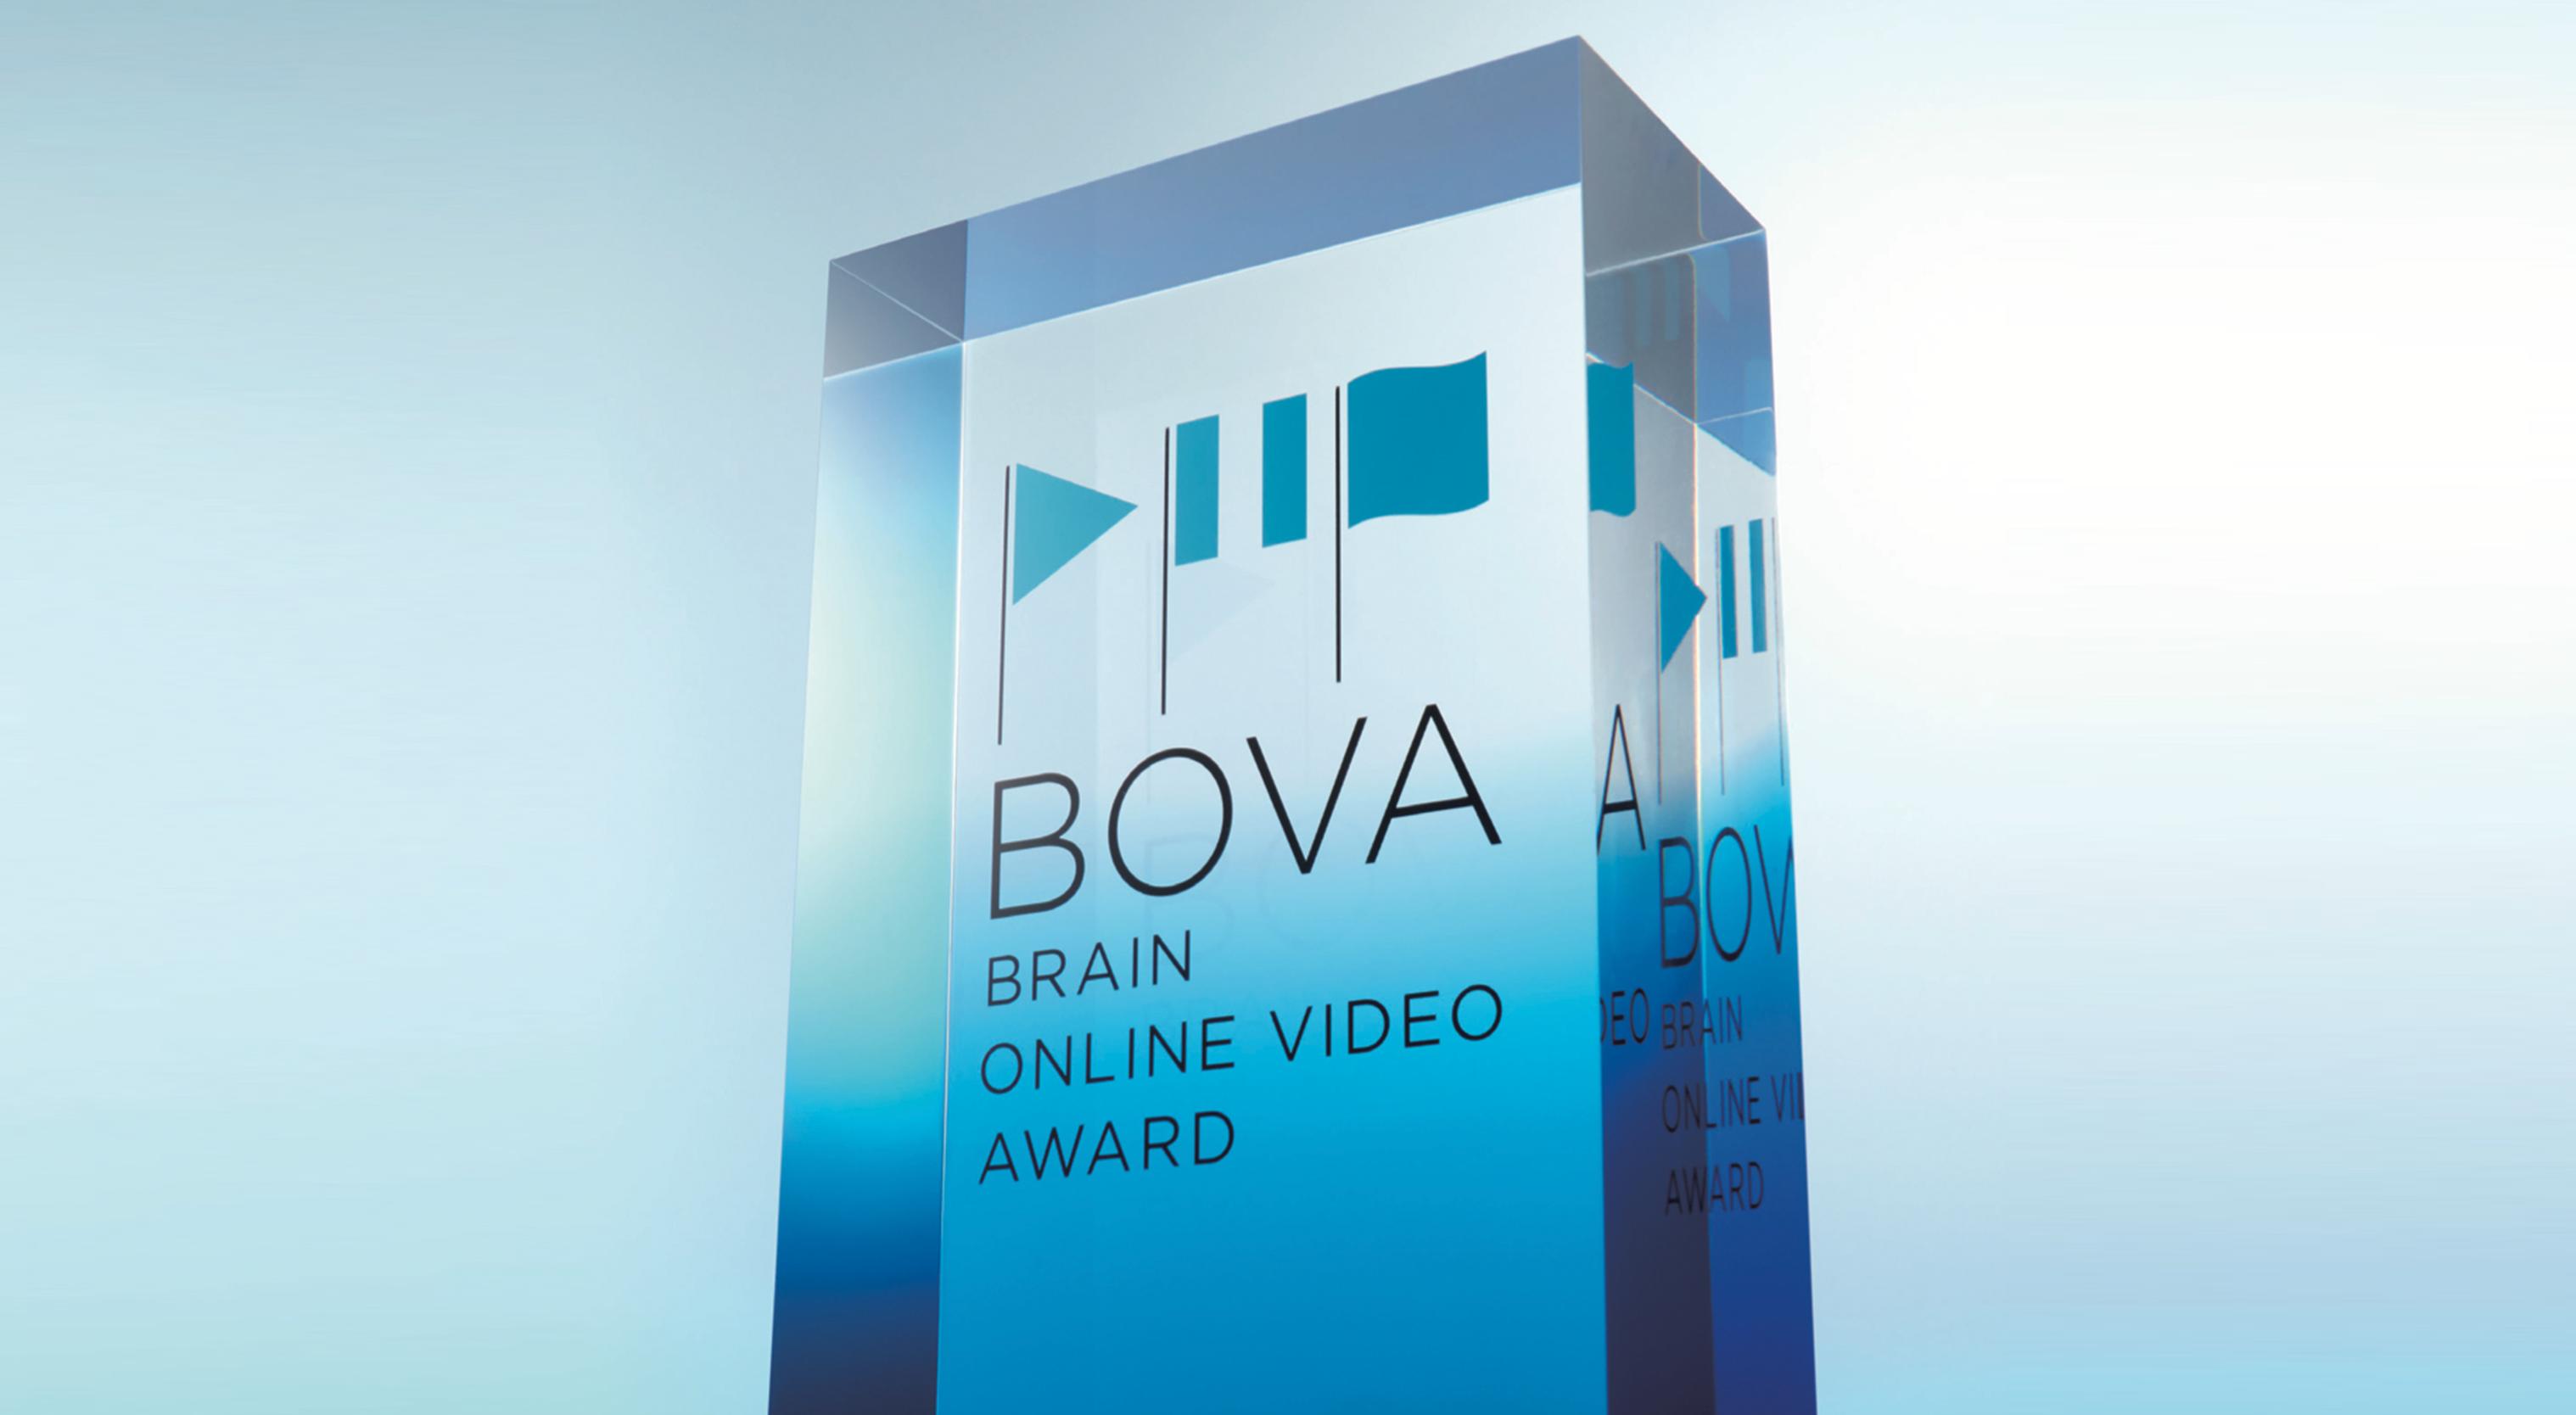 第6回BOVA 一般部門の応募受付を開始しました